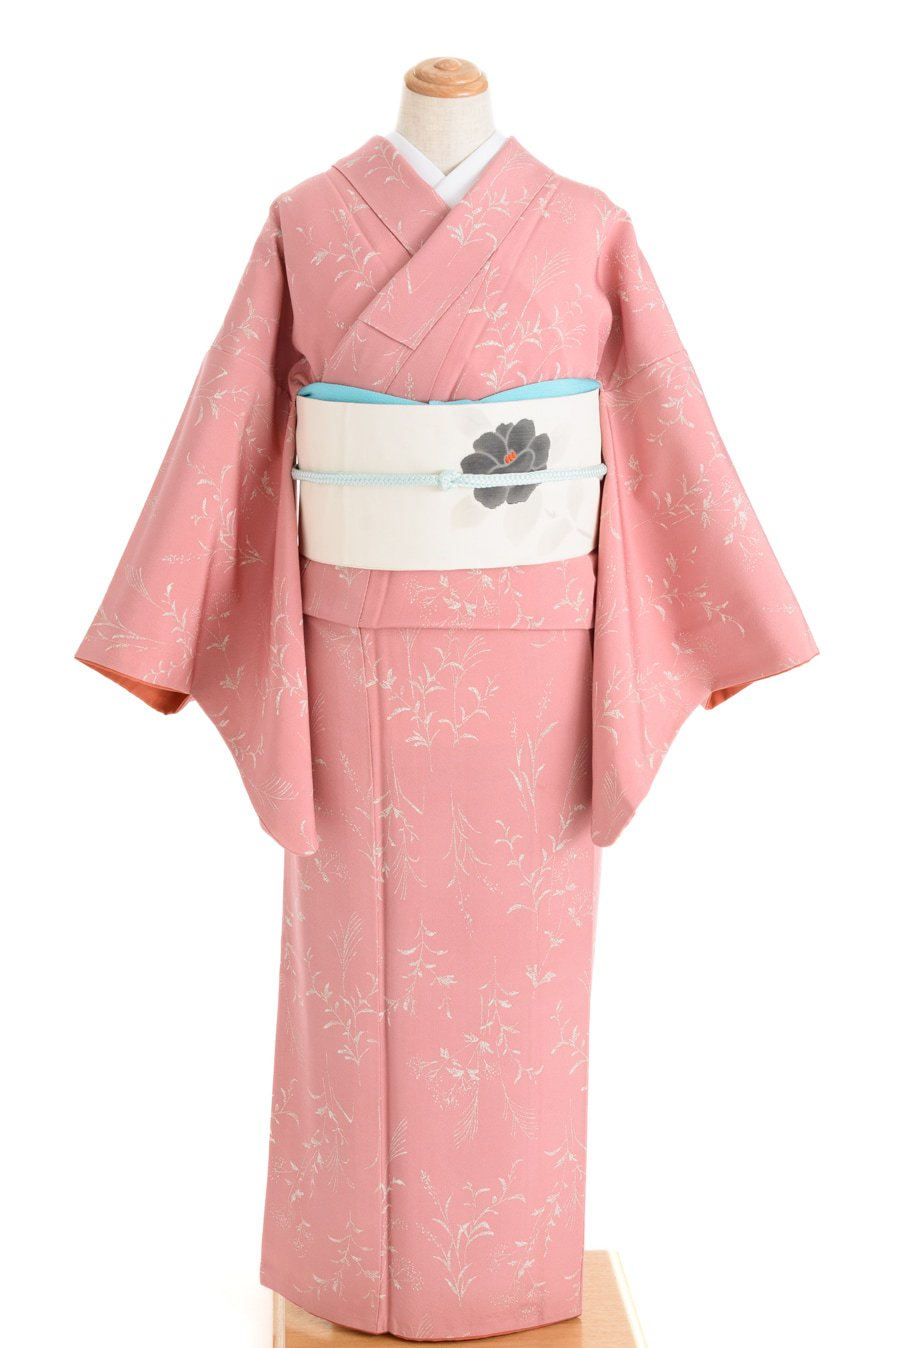 「ピンク色地 ススキ」の商品画像